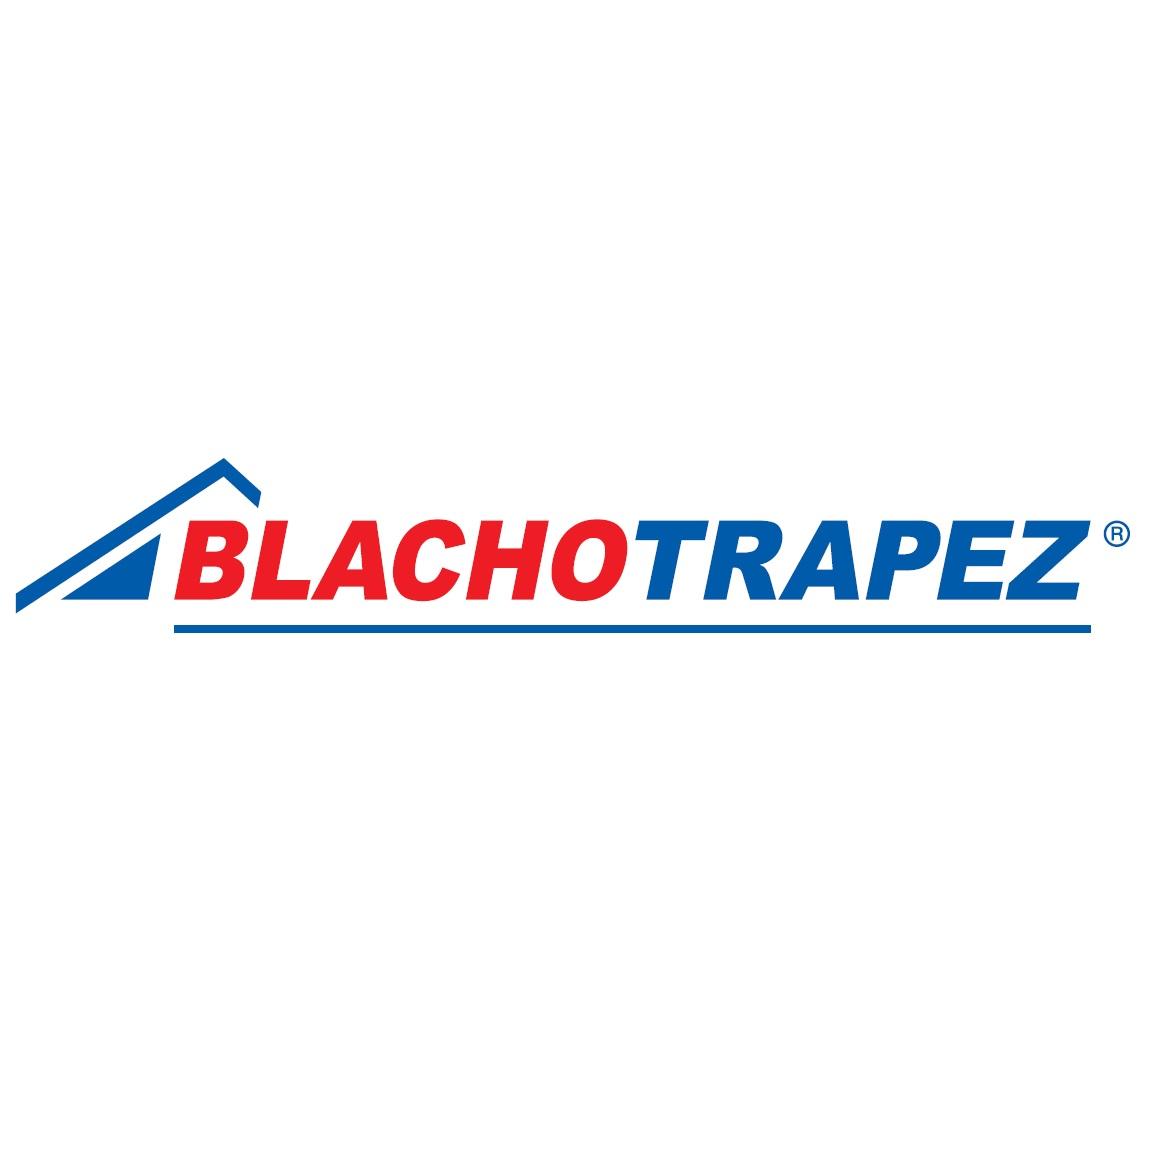 Blachotrapez - blachodachówka, blachotrapez, blachy